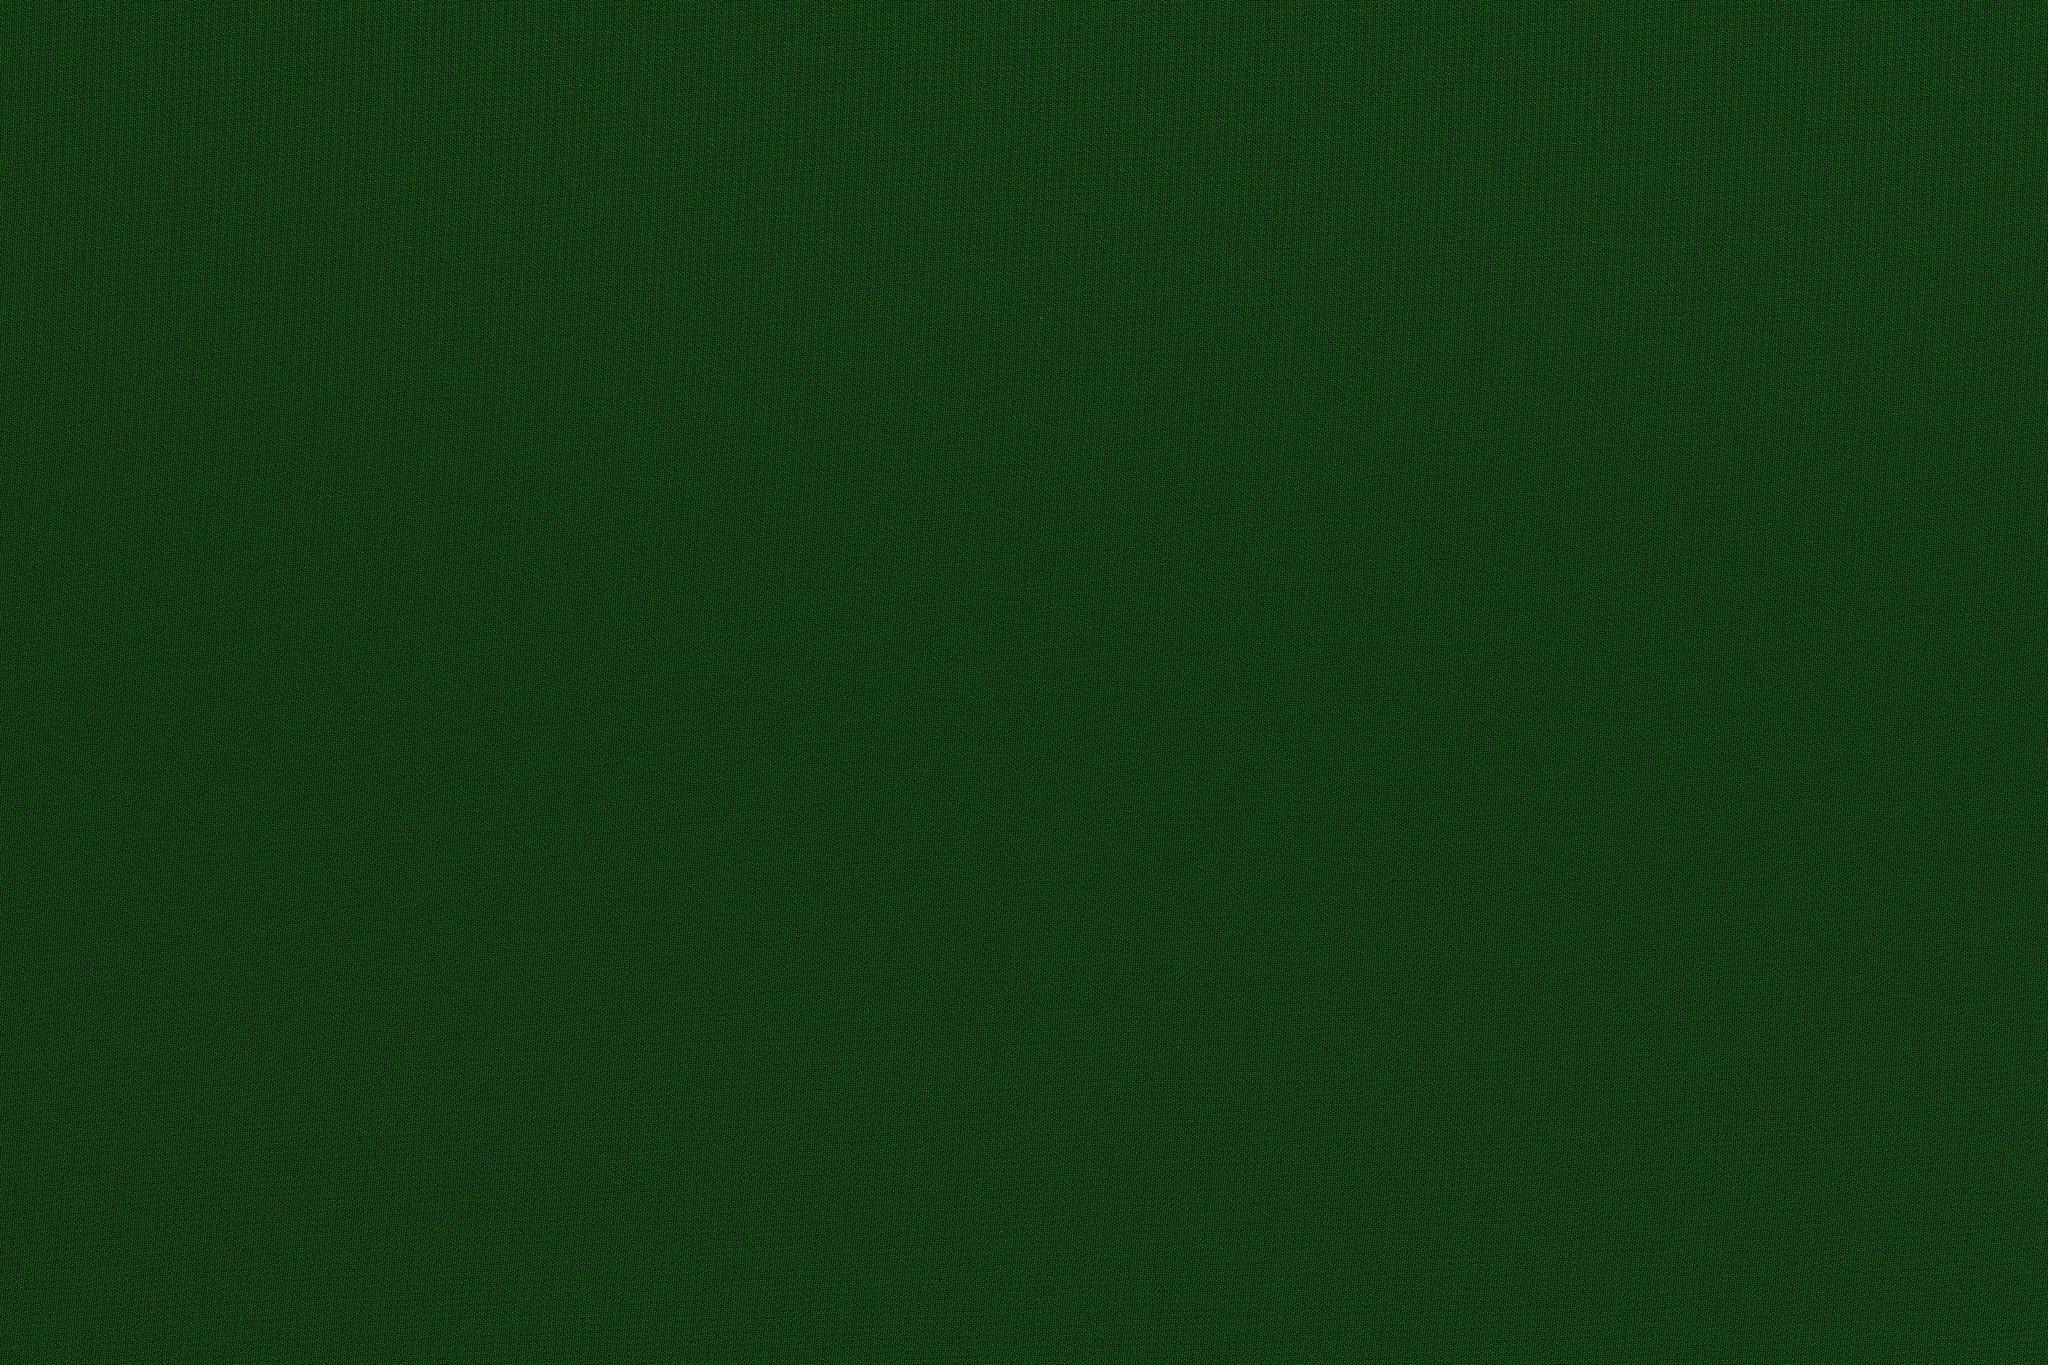 「細かい織目の緑色の布地」